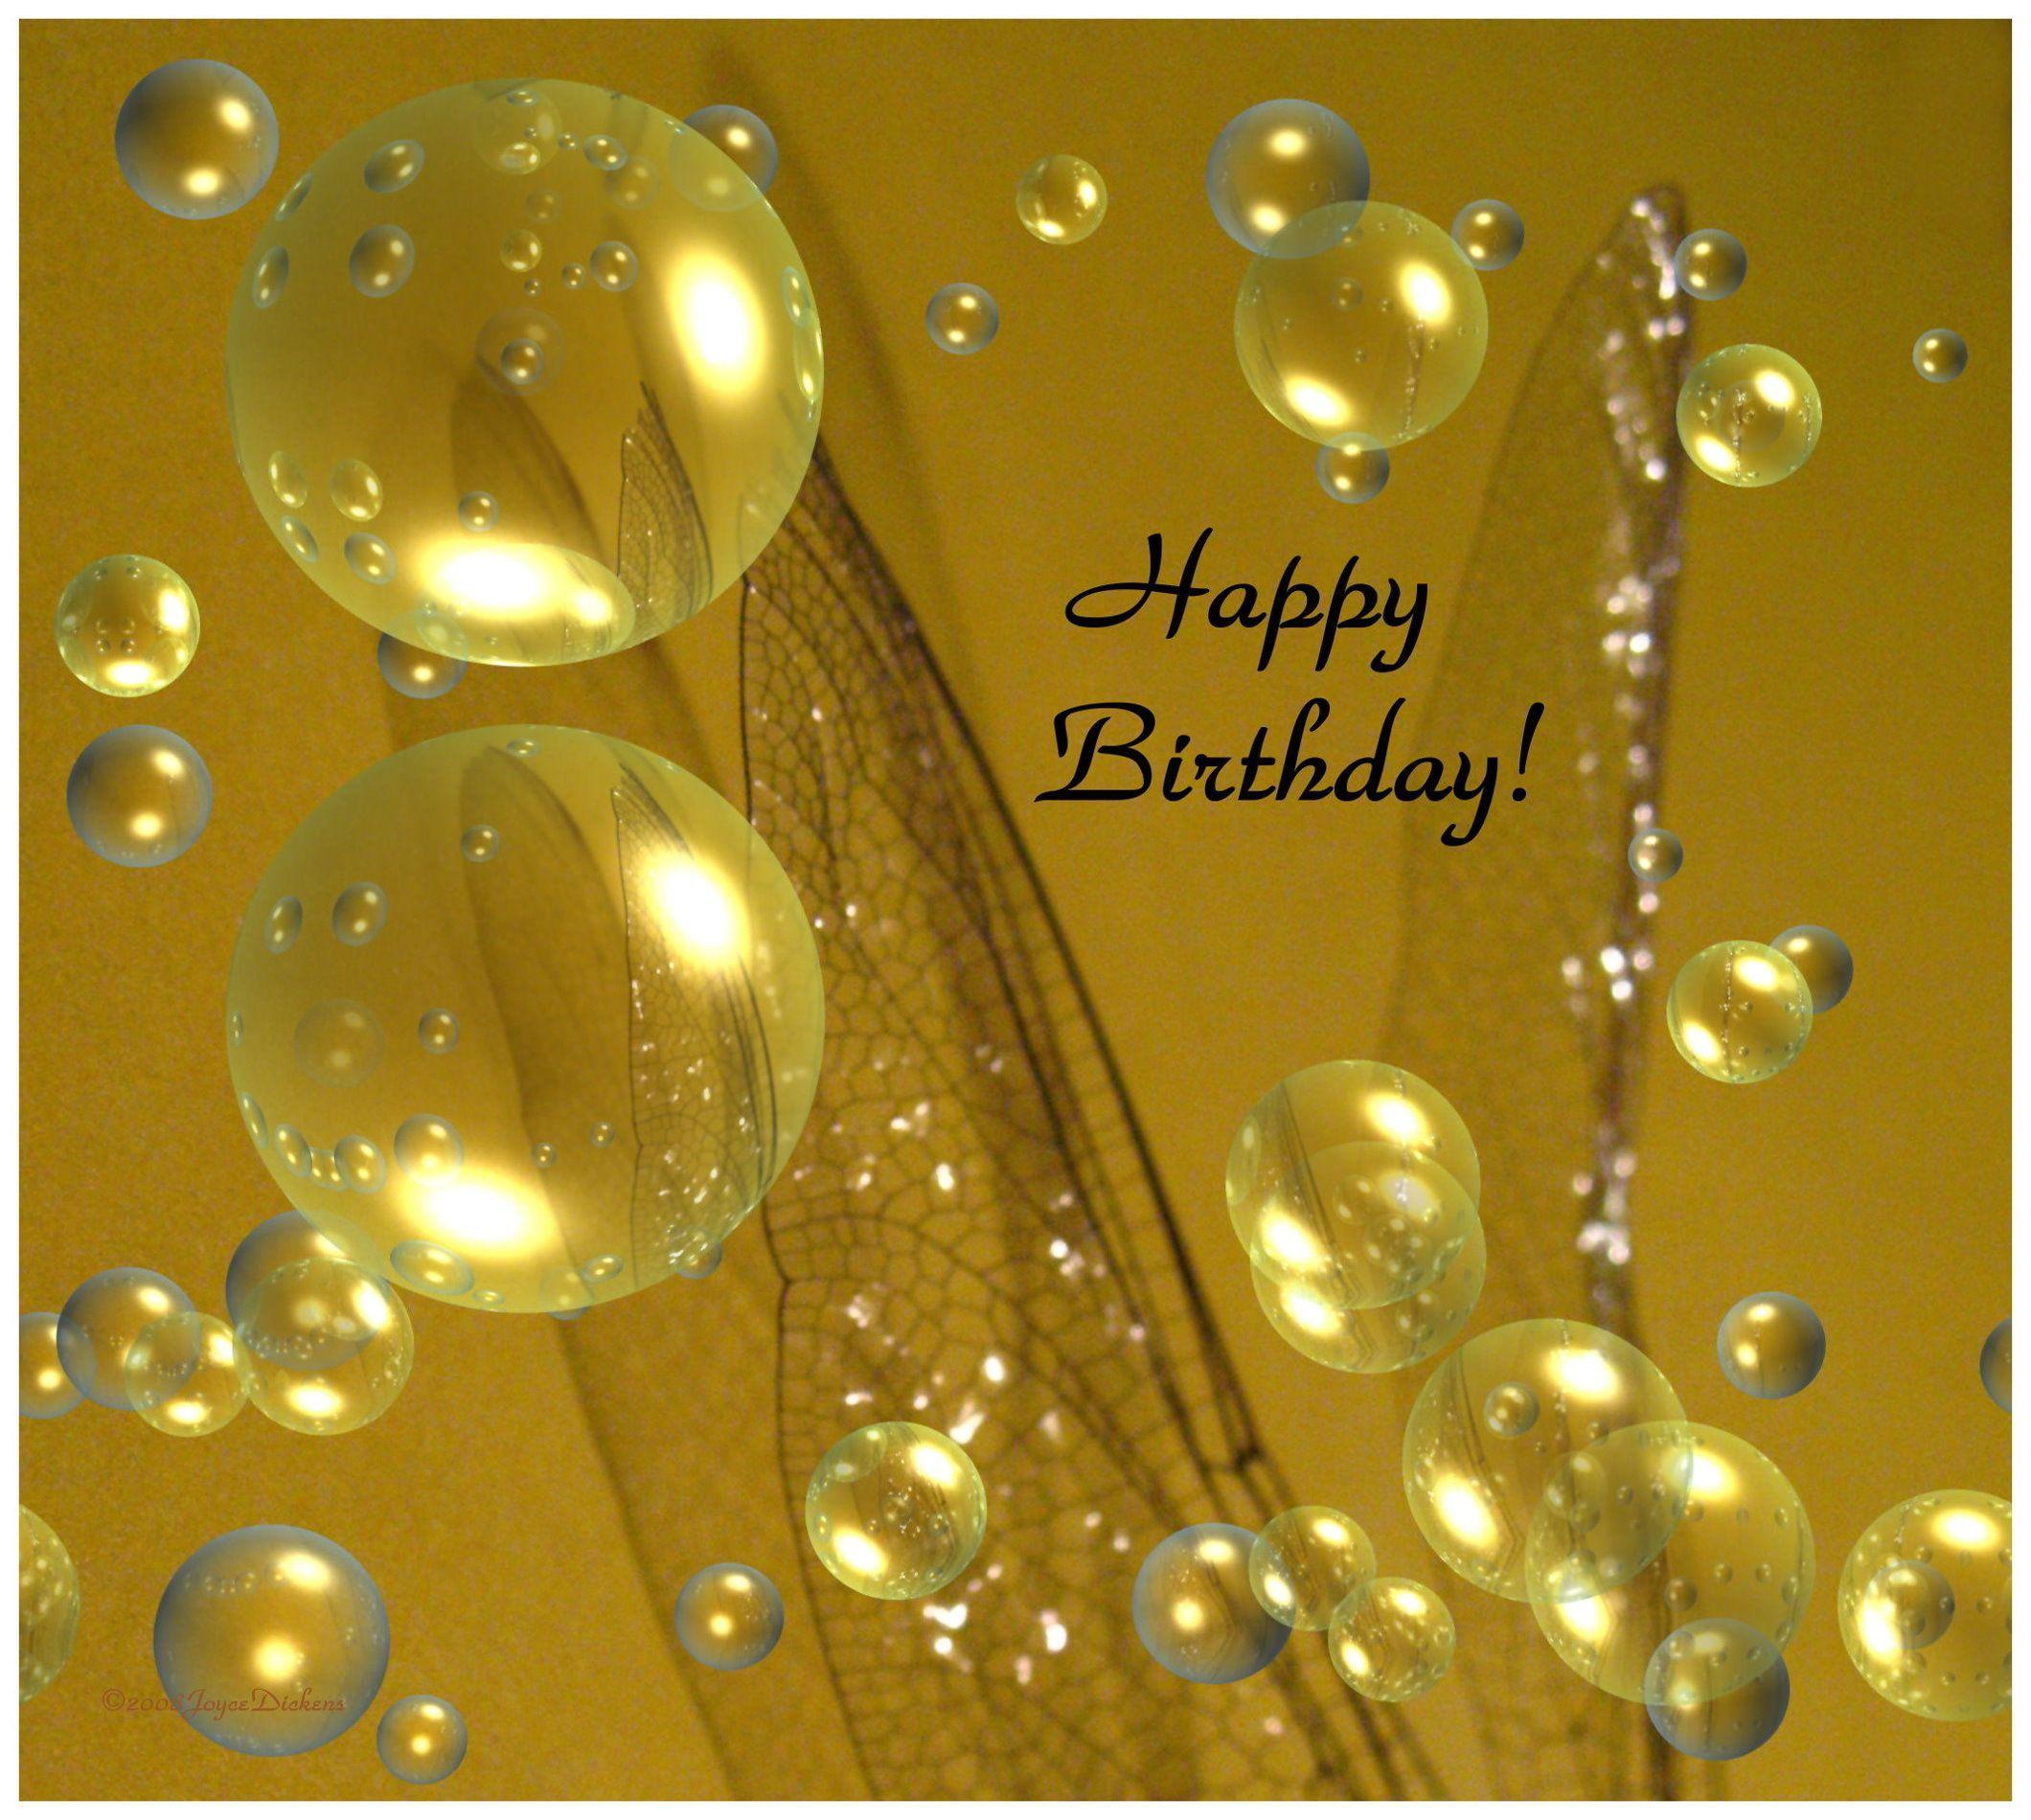 С днем рождения поздравления картинки стильные